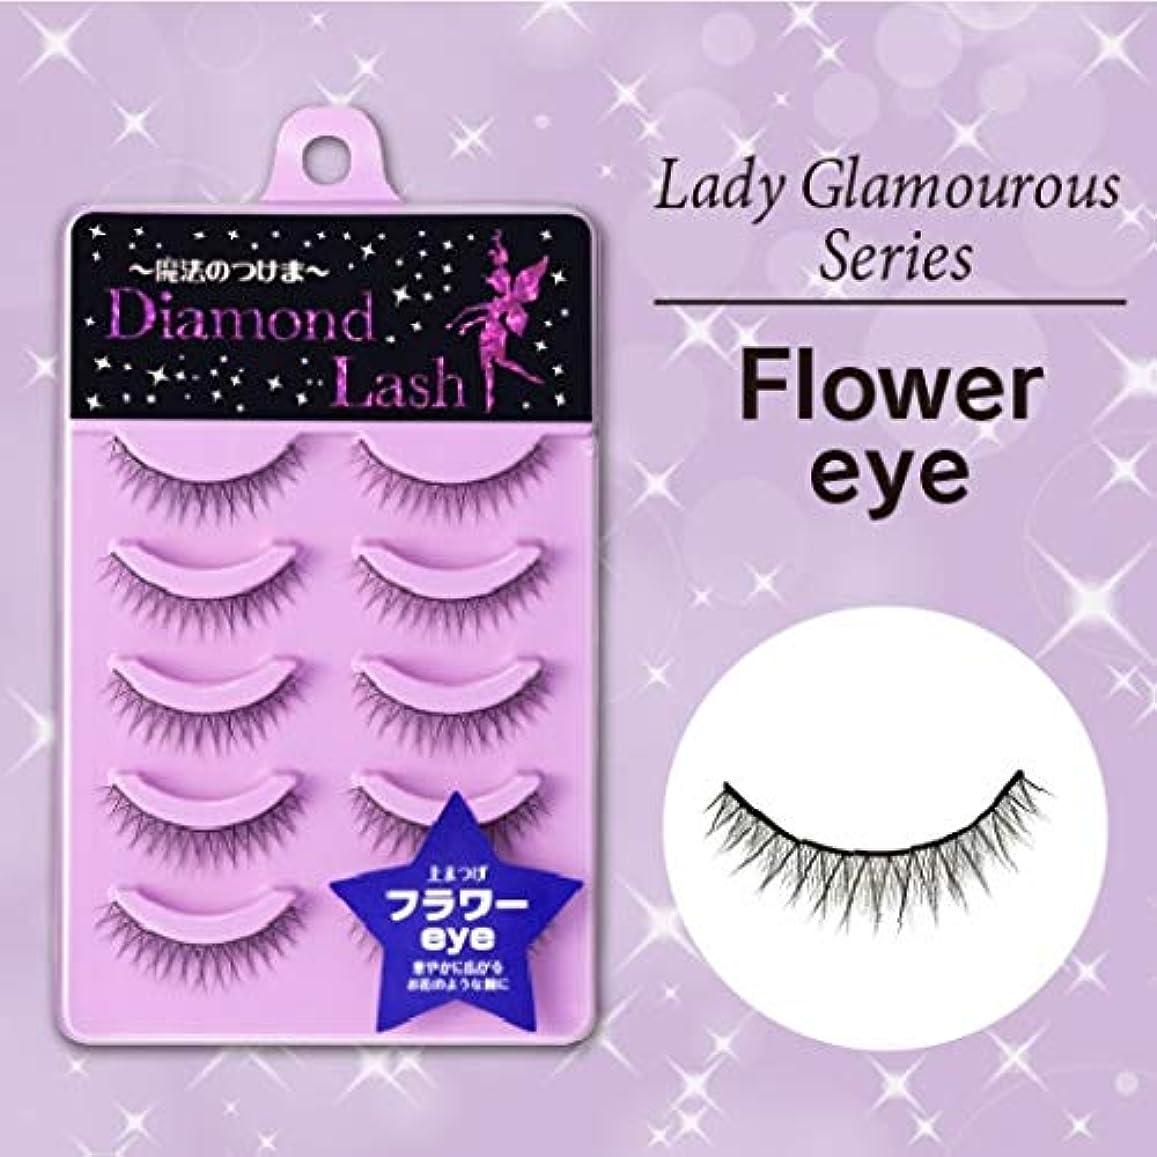 控えめな切る聖人Diamond Lash(ダイヤモンドラッシュ) レディグラマスシリーズ フラワーeye